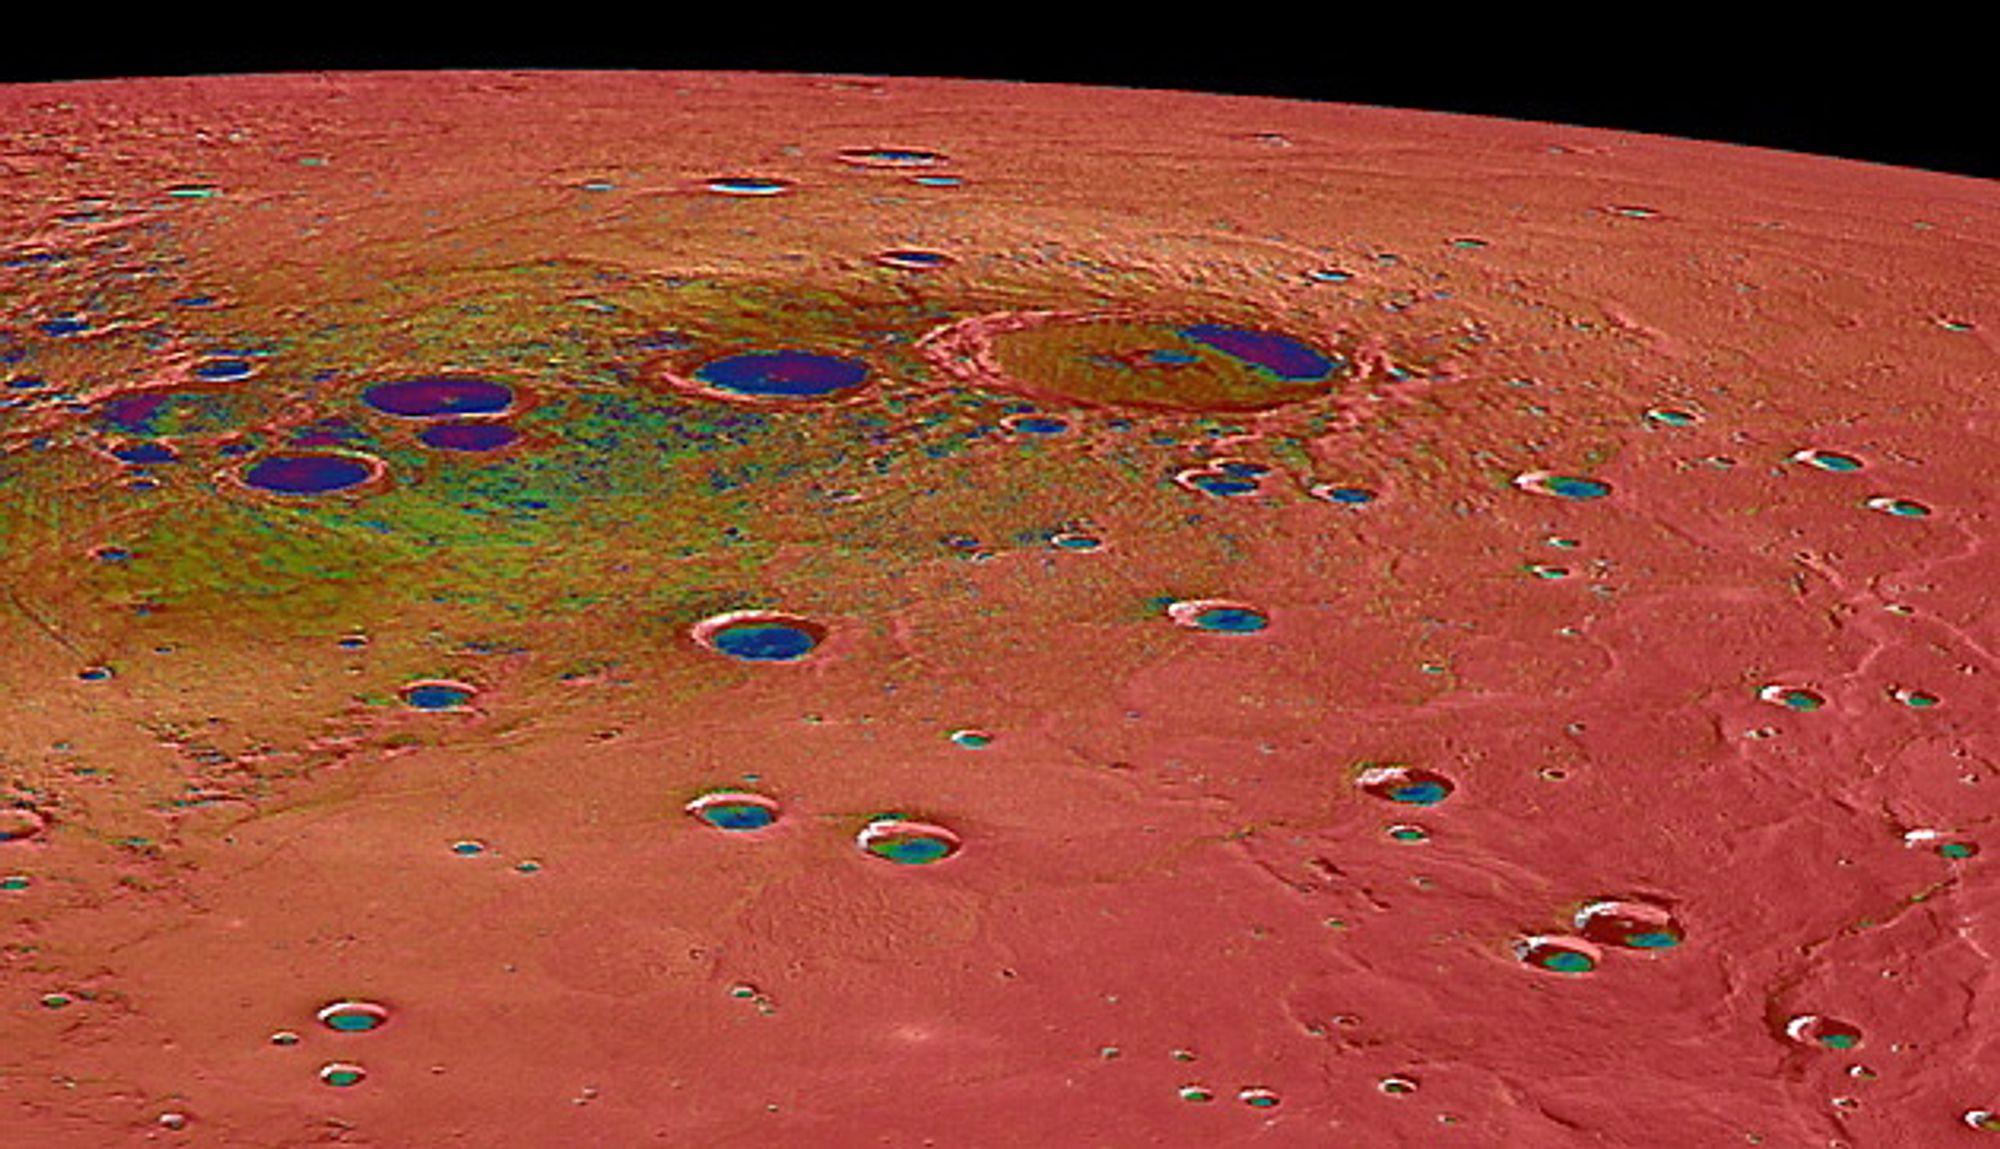 Nye bilder fra Merkur, planeten som er nærmest sola, viser at permanent skygge gjør det mulig for is å overleve i store kratre. Dette til tross for at dagtemperaturene kommer opp i 430 plussgrader.